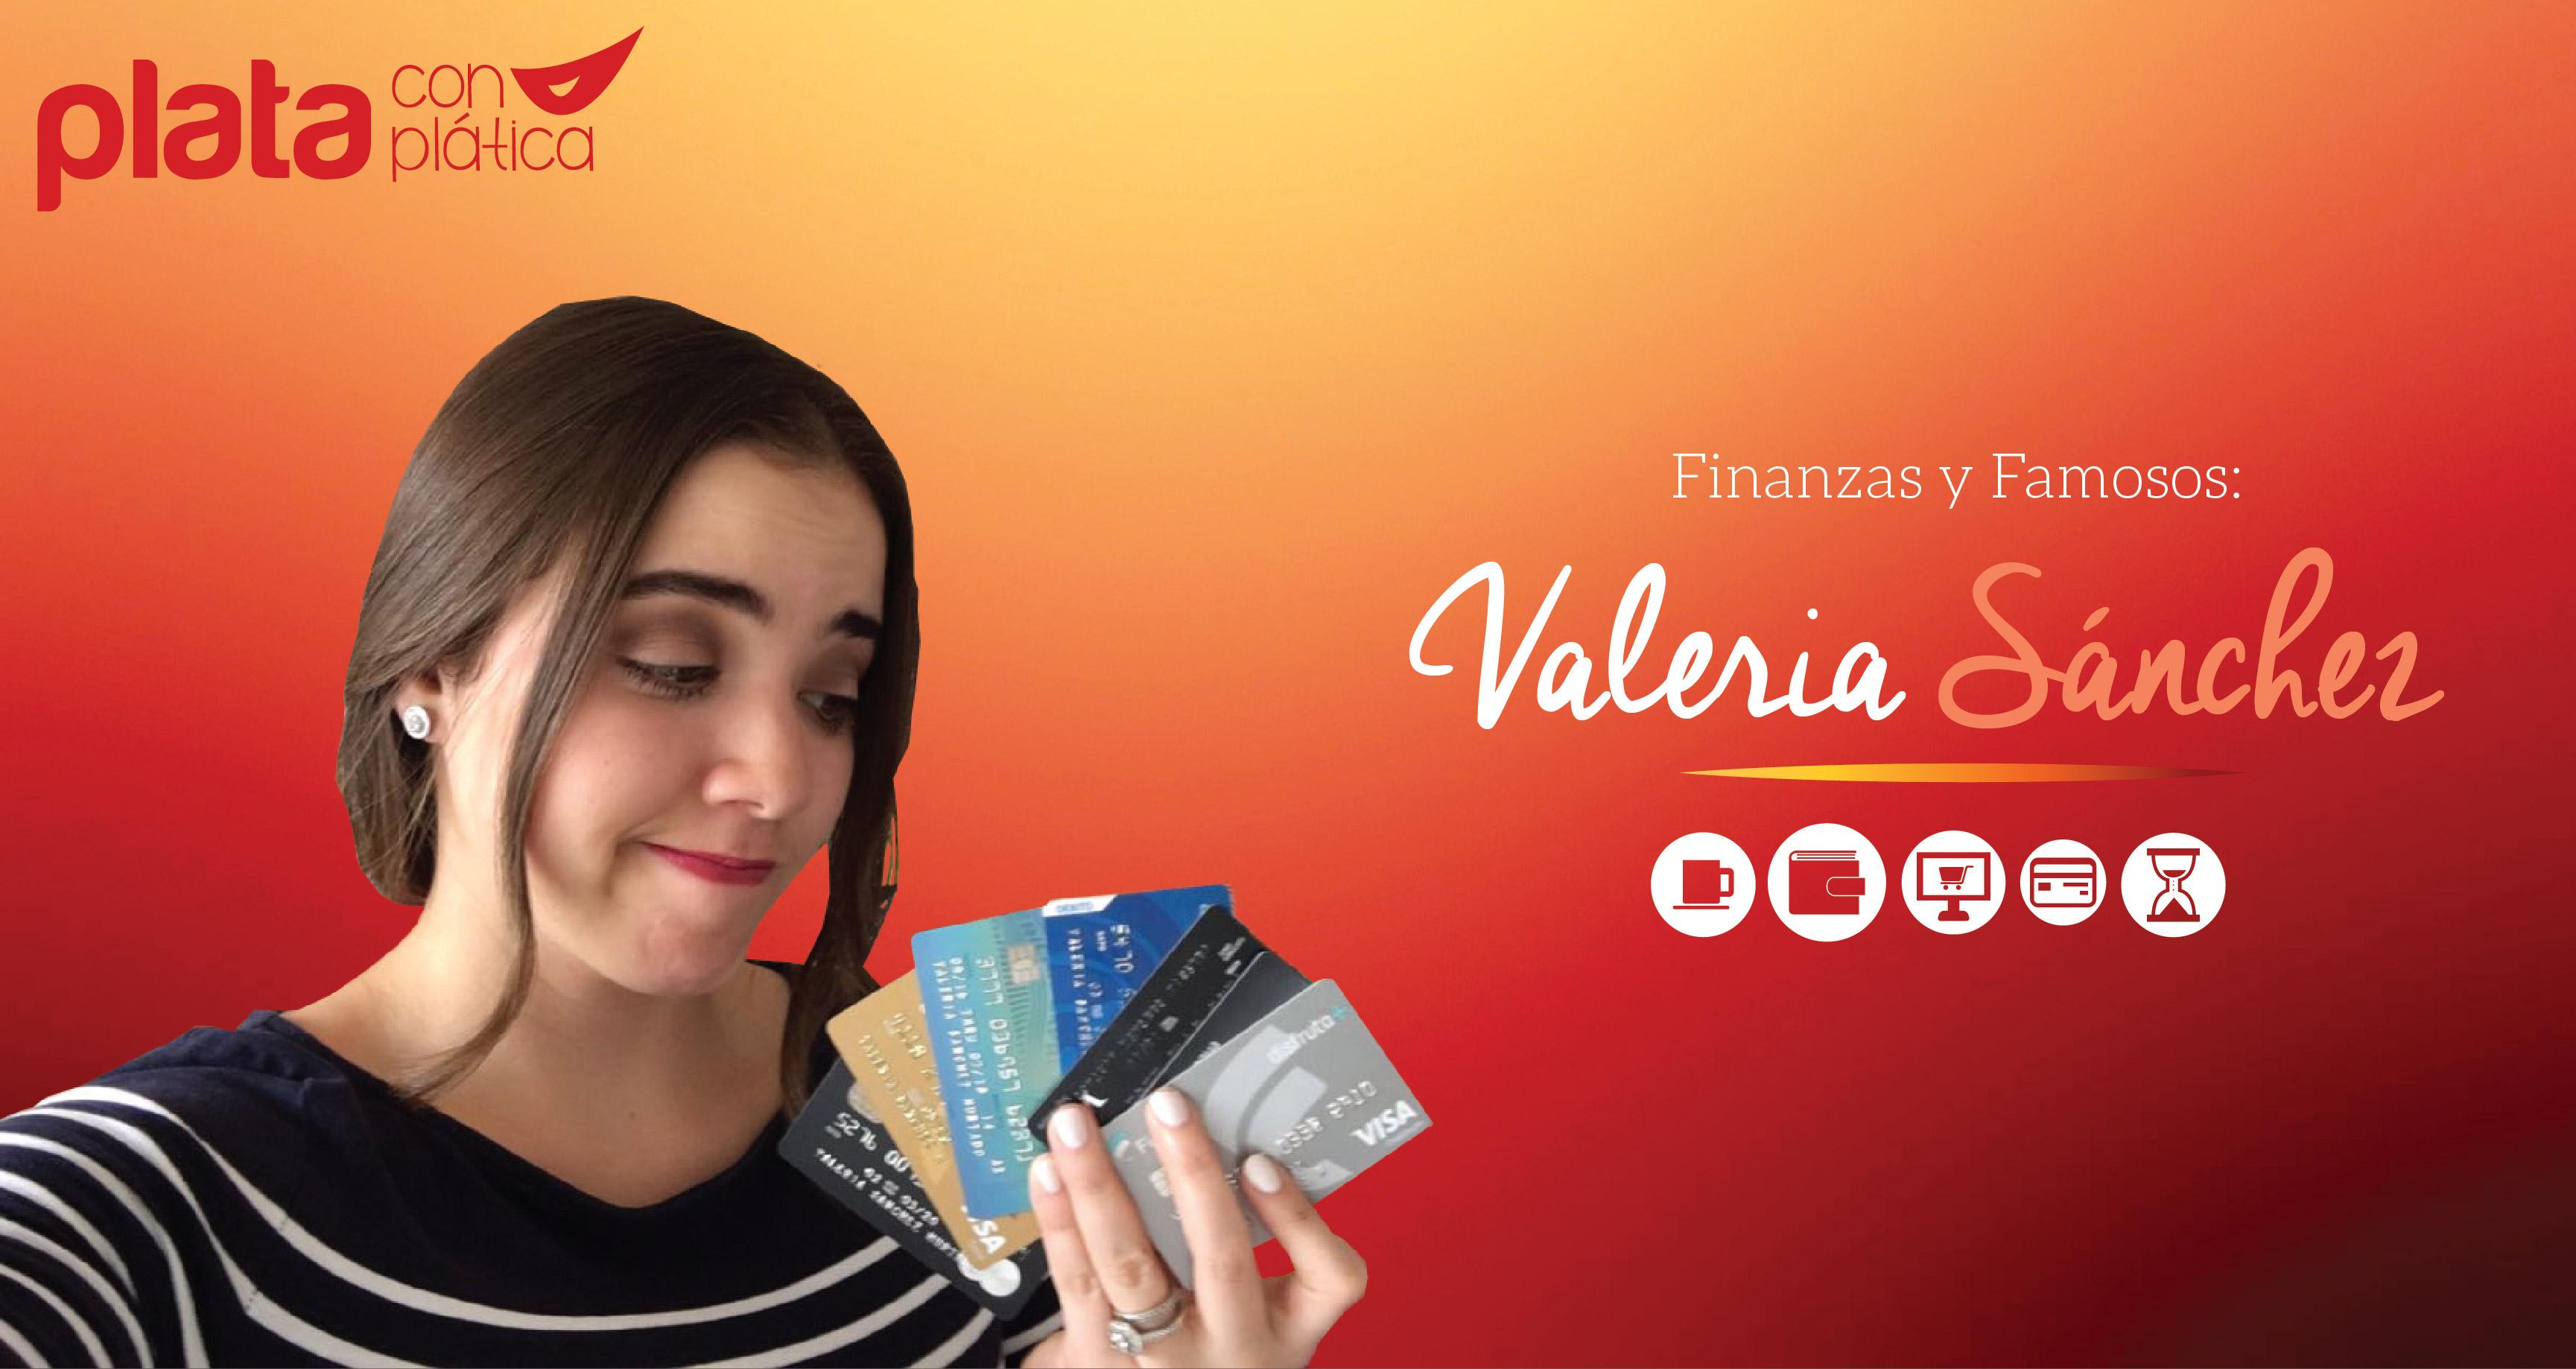 Finanzas y famosos-Valeria Sánchez-01